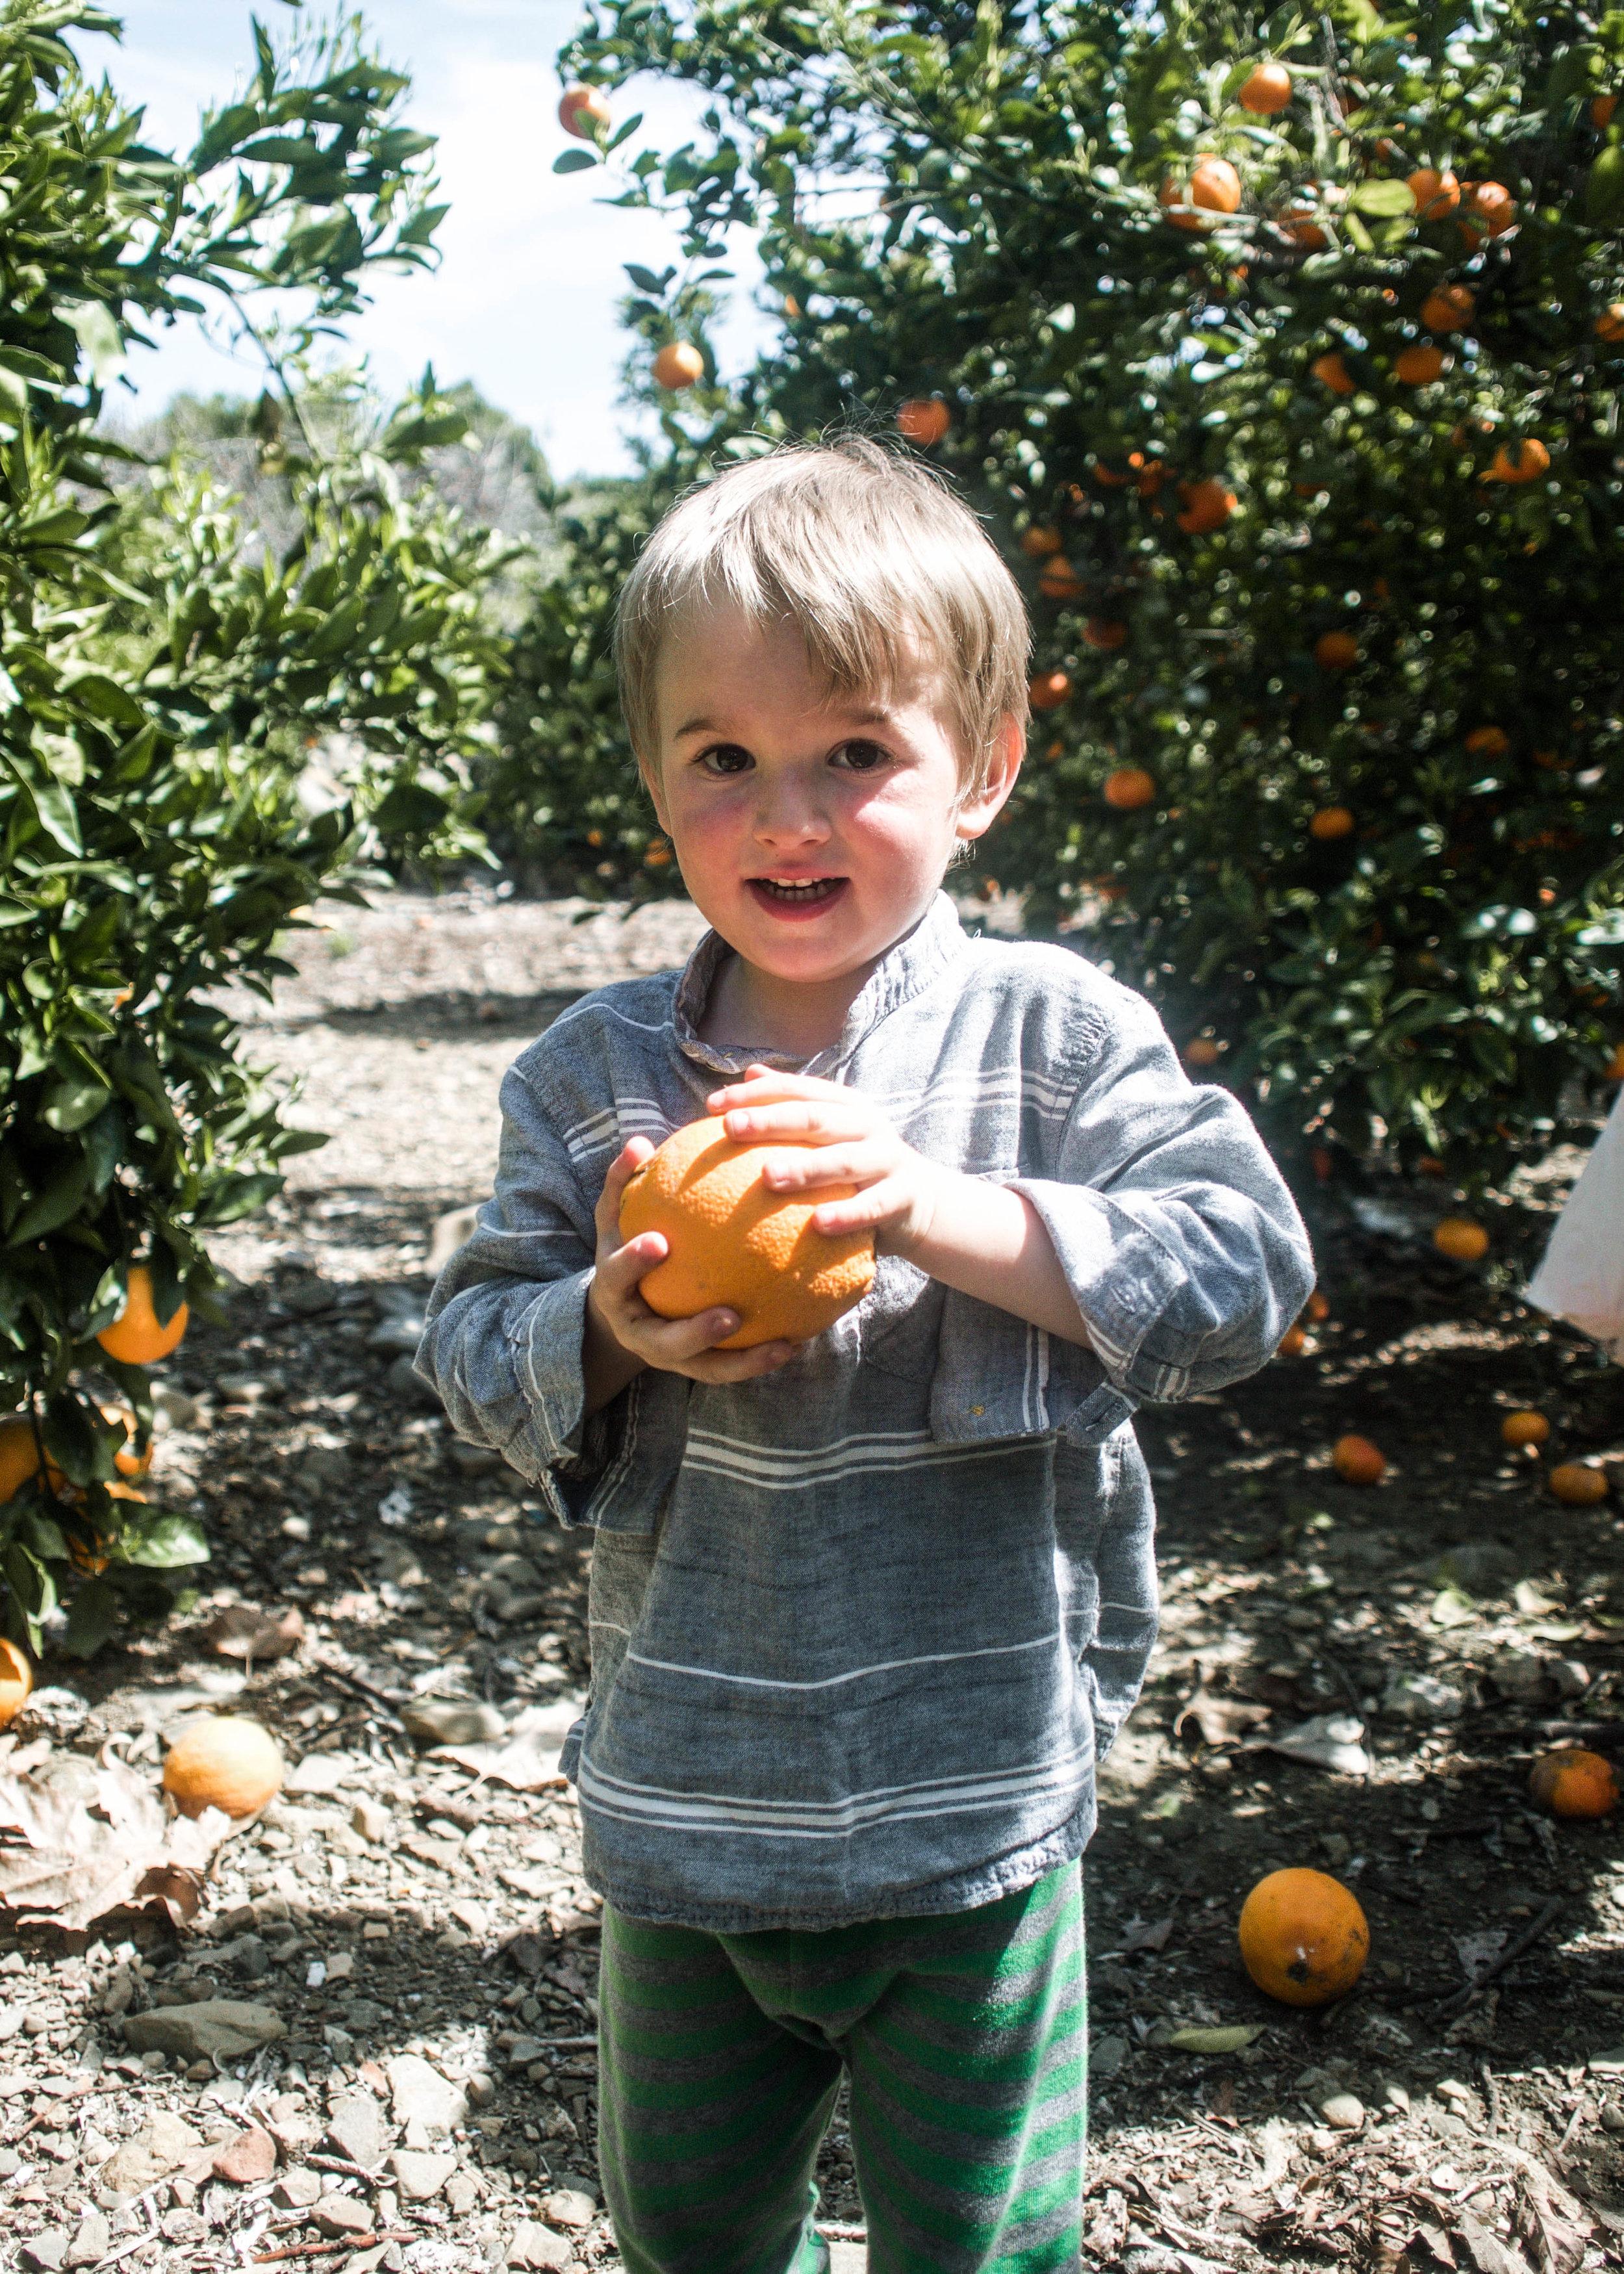 Leon picking oranges